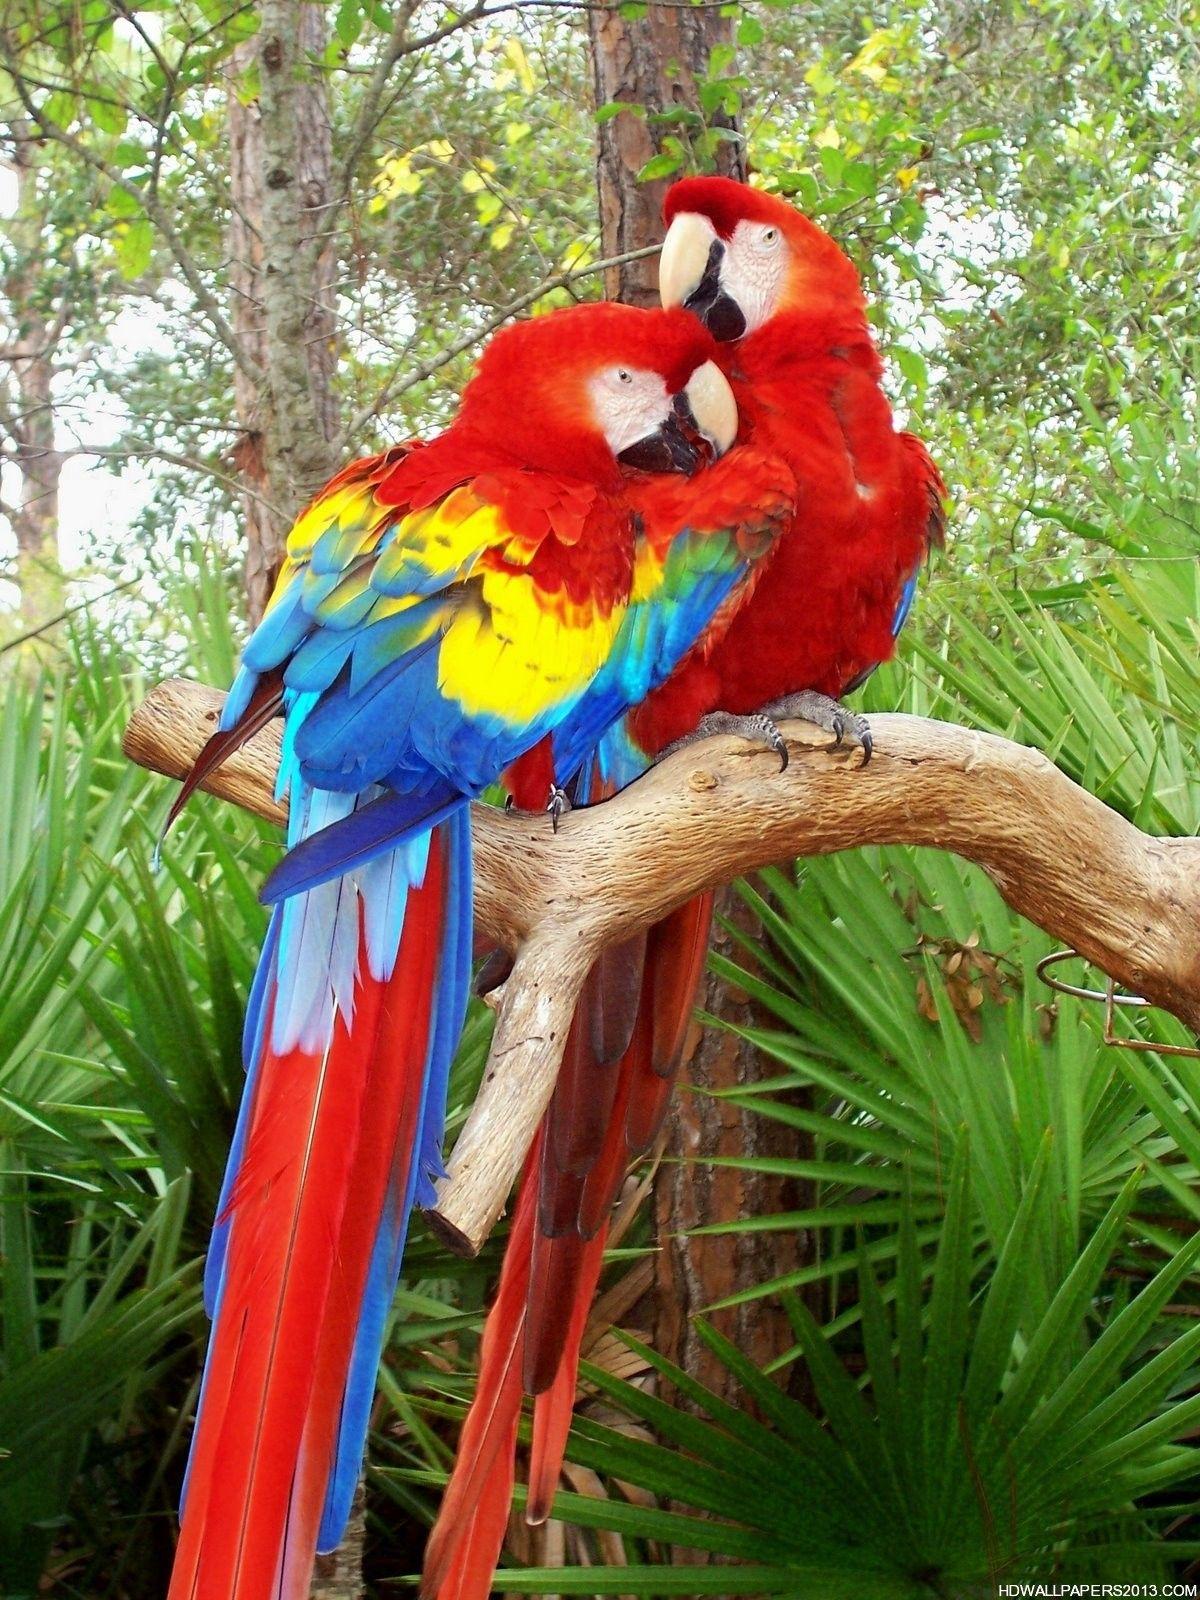 photos of birds love